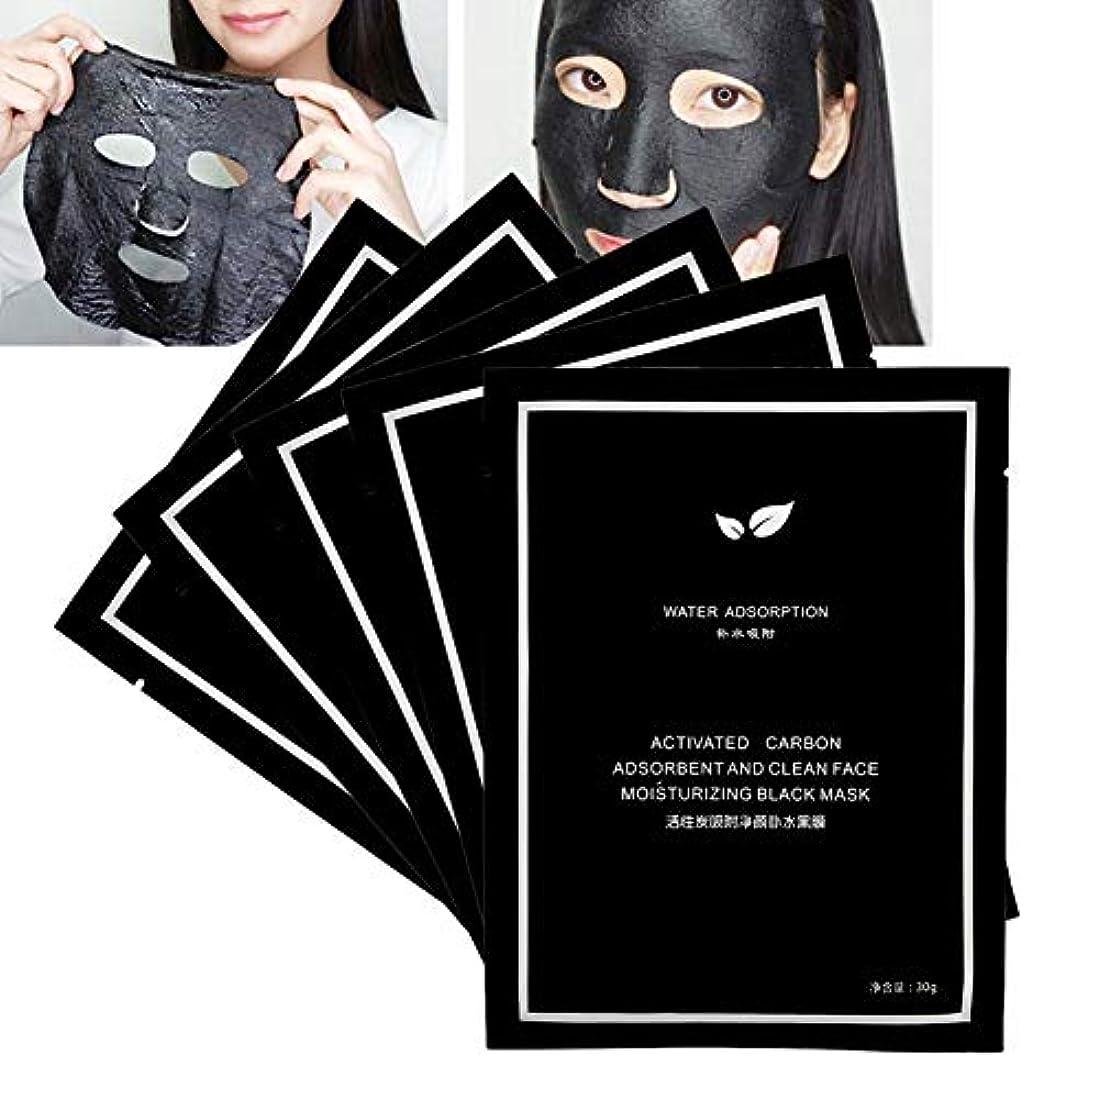 多様性メタリック降雨5枚セット 活性炭マスク 保湿 フェイスブラックマスク オイルコントロールブラックヘッドの除去汚れ除去スキンケア